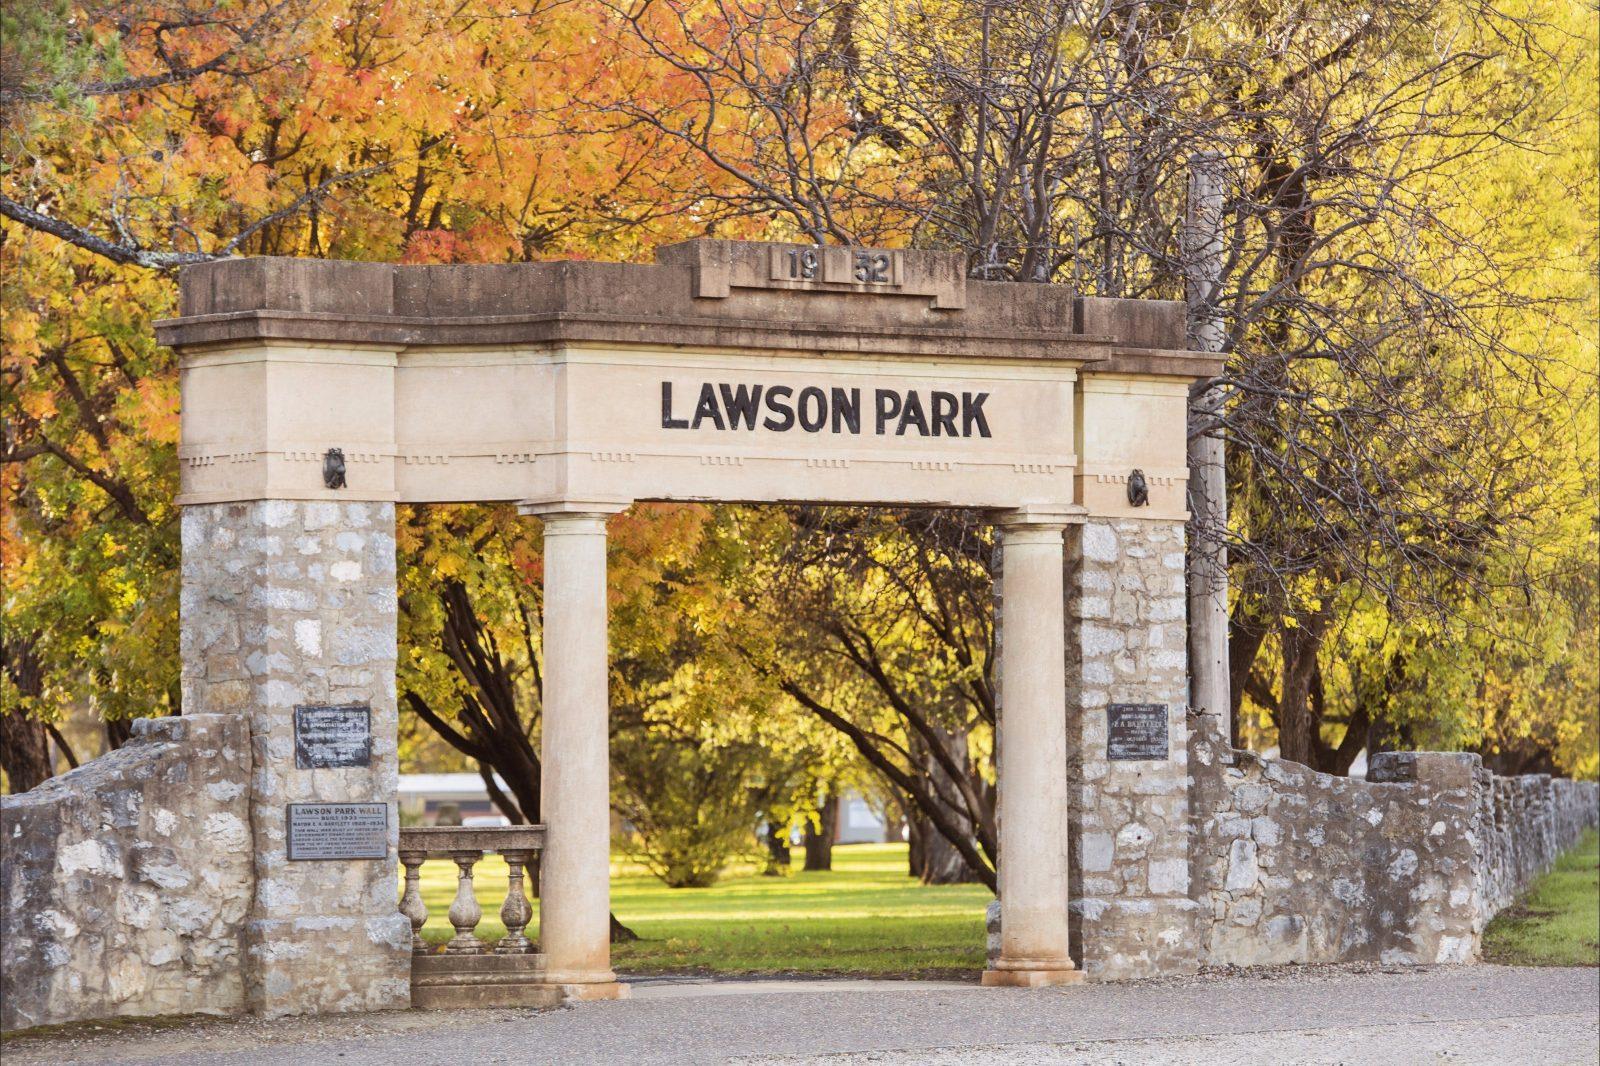 Lawson Park